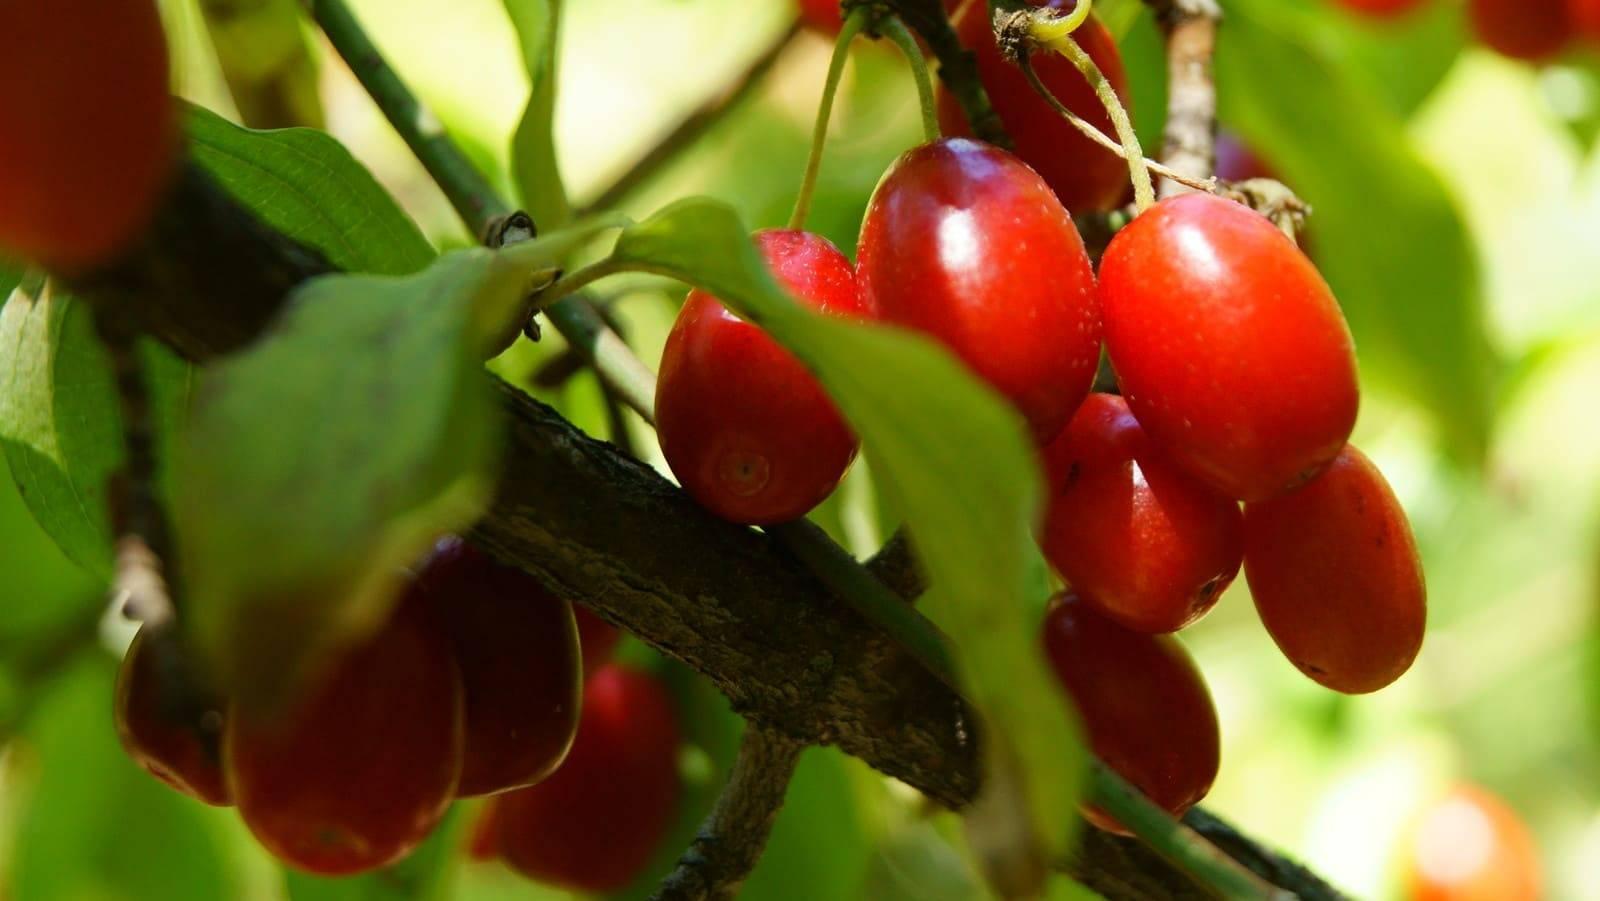 Выращивание кизила – посадка и уход за кизилом в открытом грунте, размножение и обрезка кизила | мир садоводства